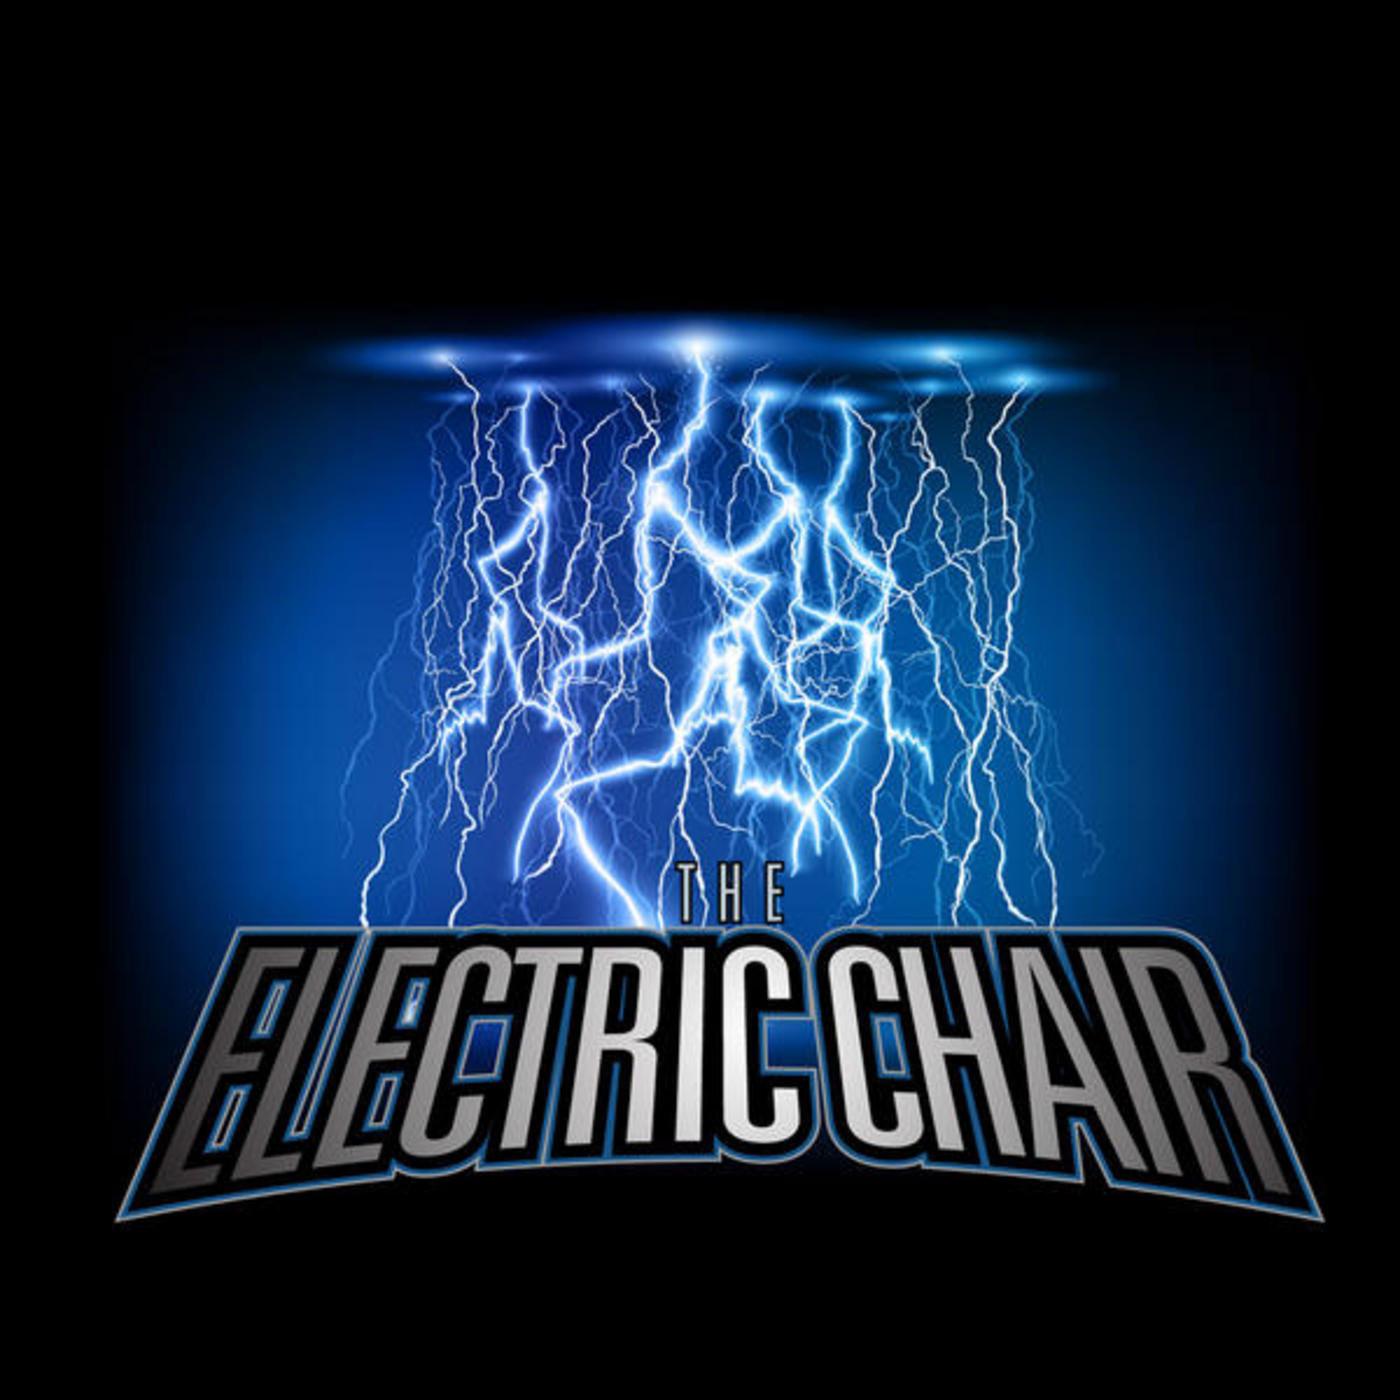 The Electric Chair 029: Edis Rehto Eht